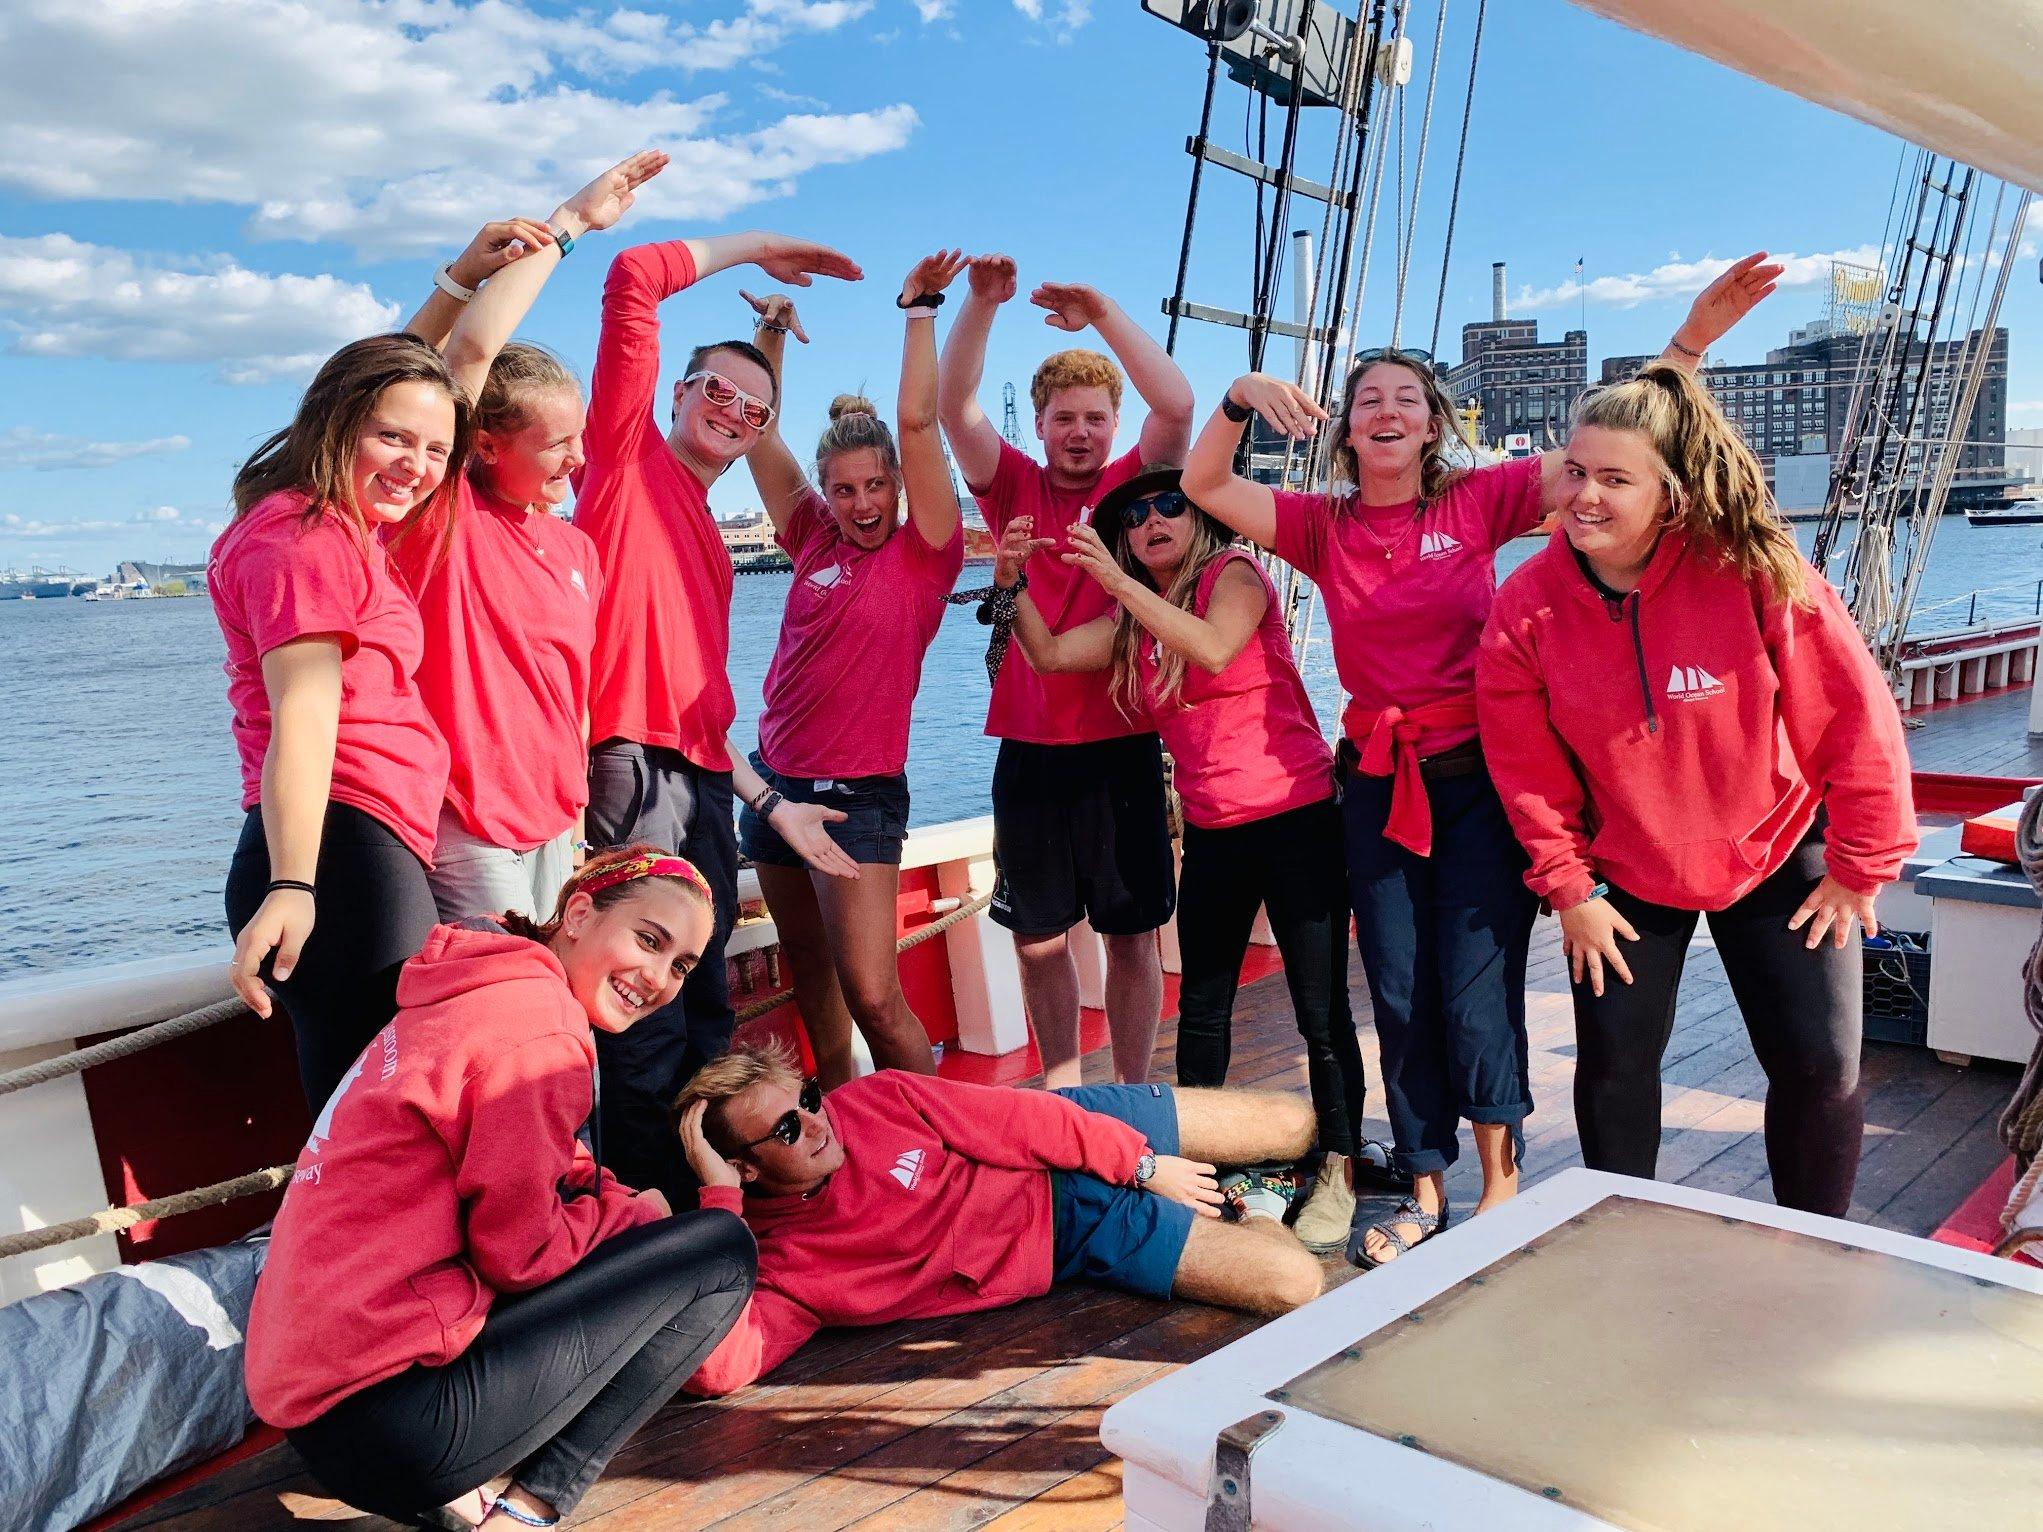 Proctor Academy Ocean Classroom 2019 World Ocean School